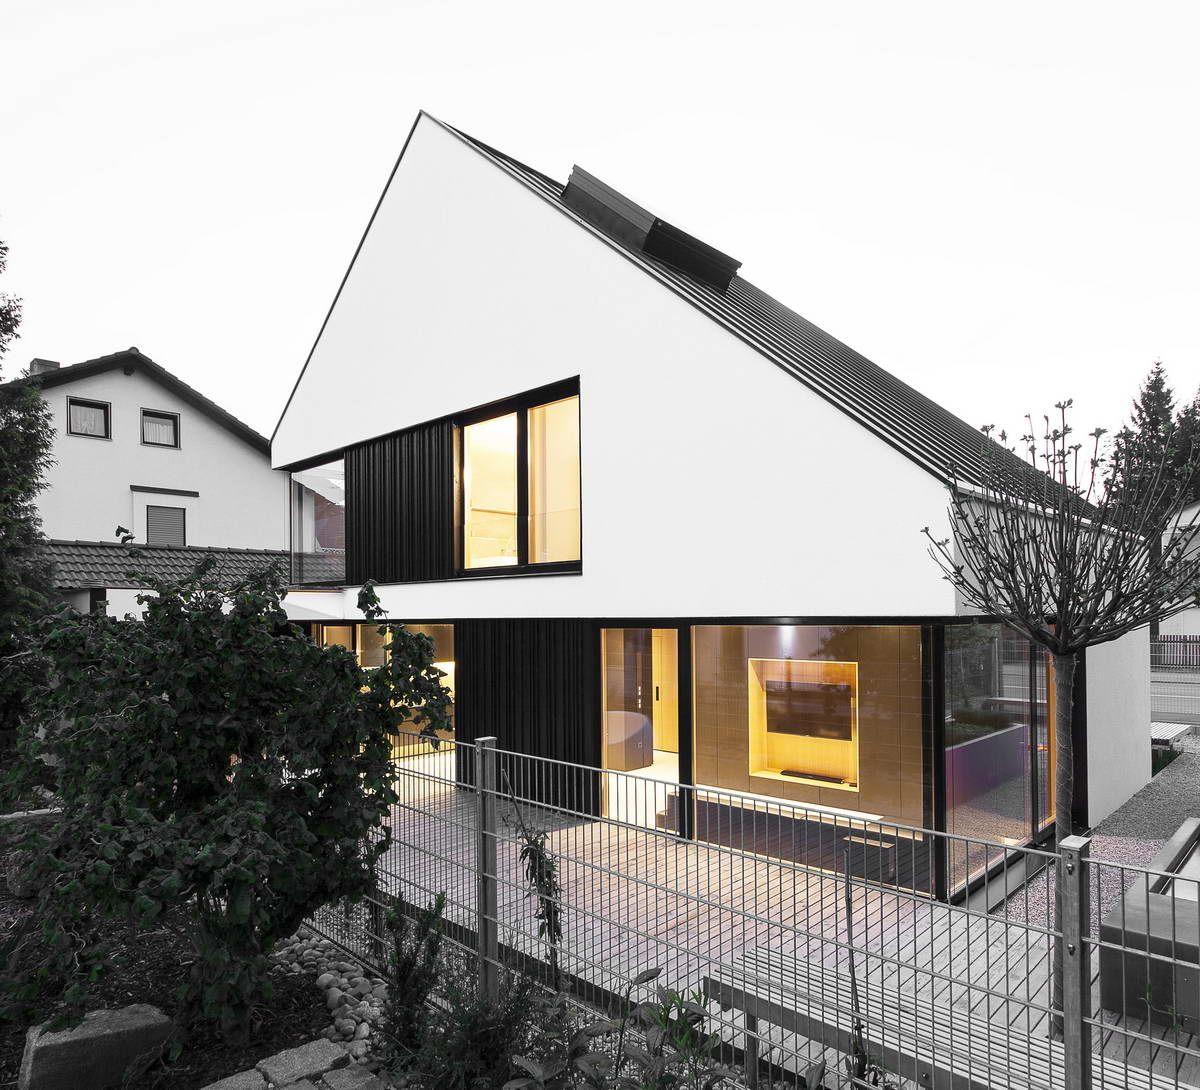 Дом в германии купить недвижимость за криптовалюту